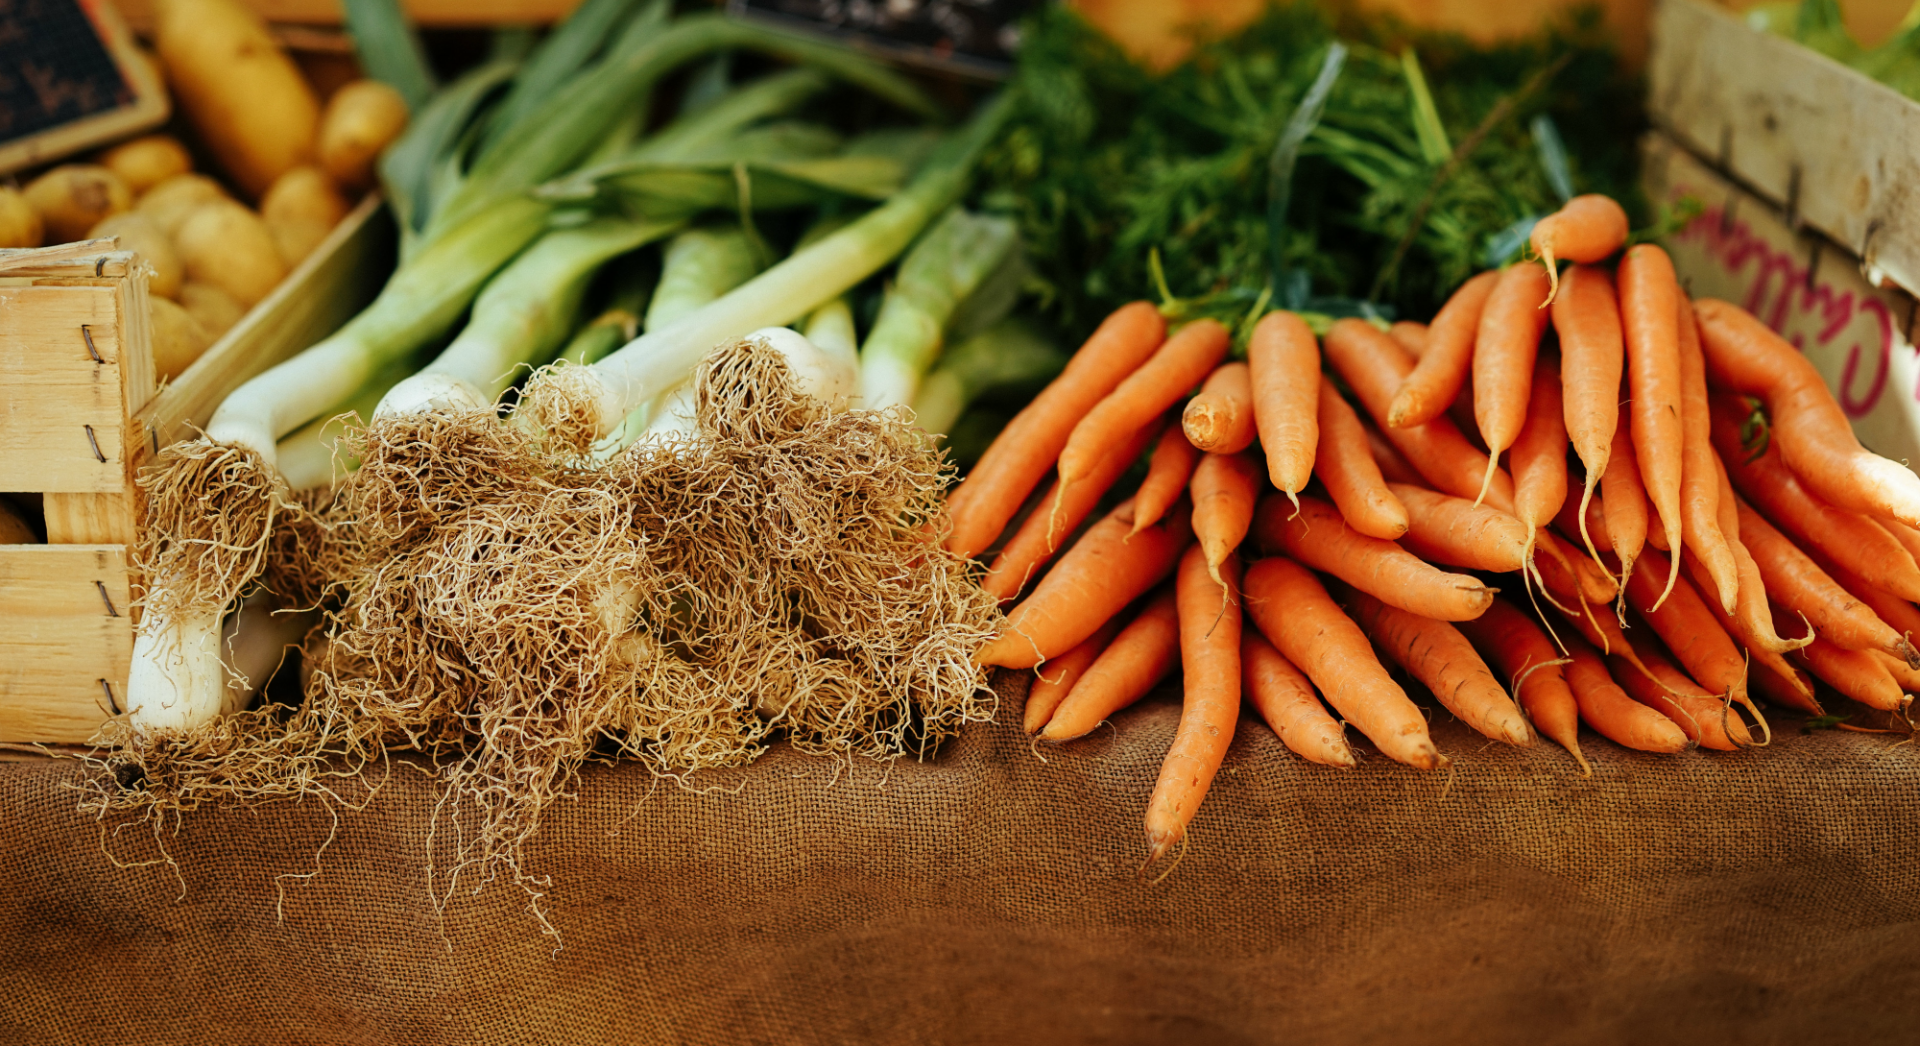 Fotografía de Verduras, hotalizas, consumo, responsabilidad, alimentos, vida sana, alimentación